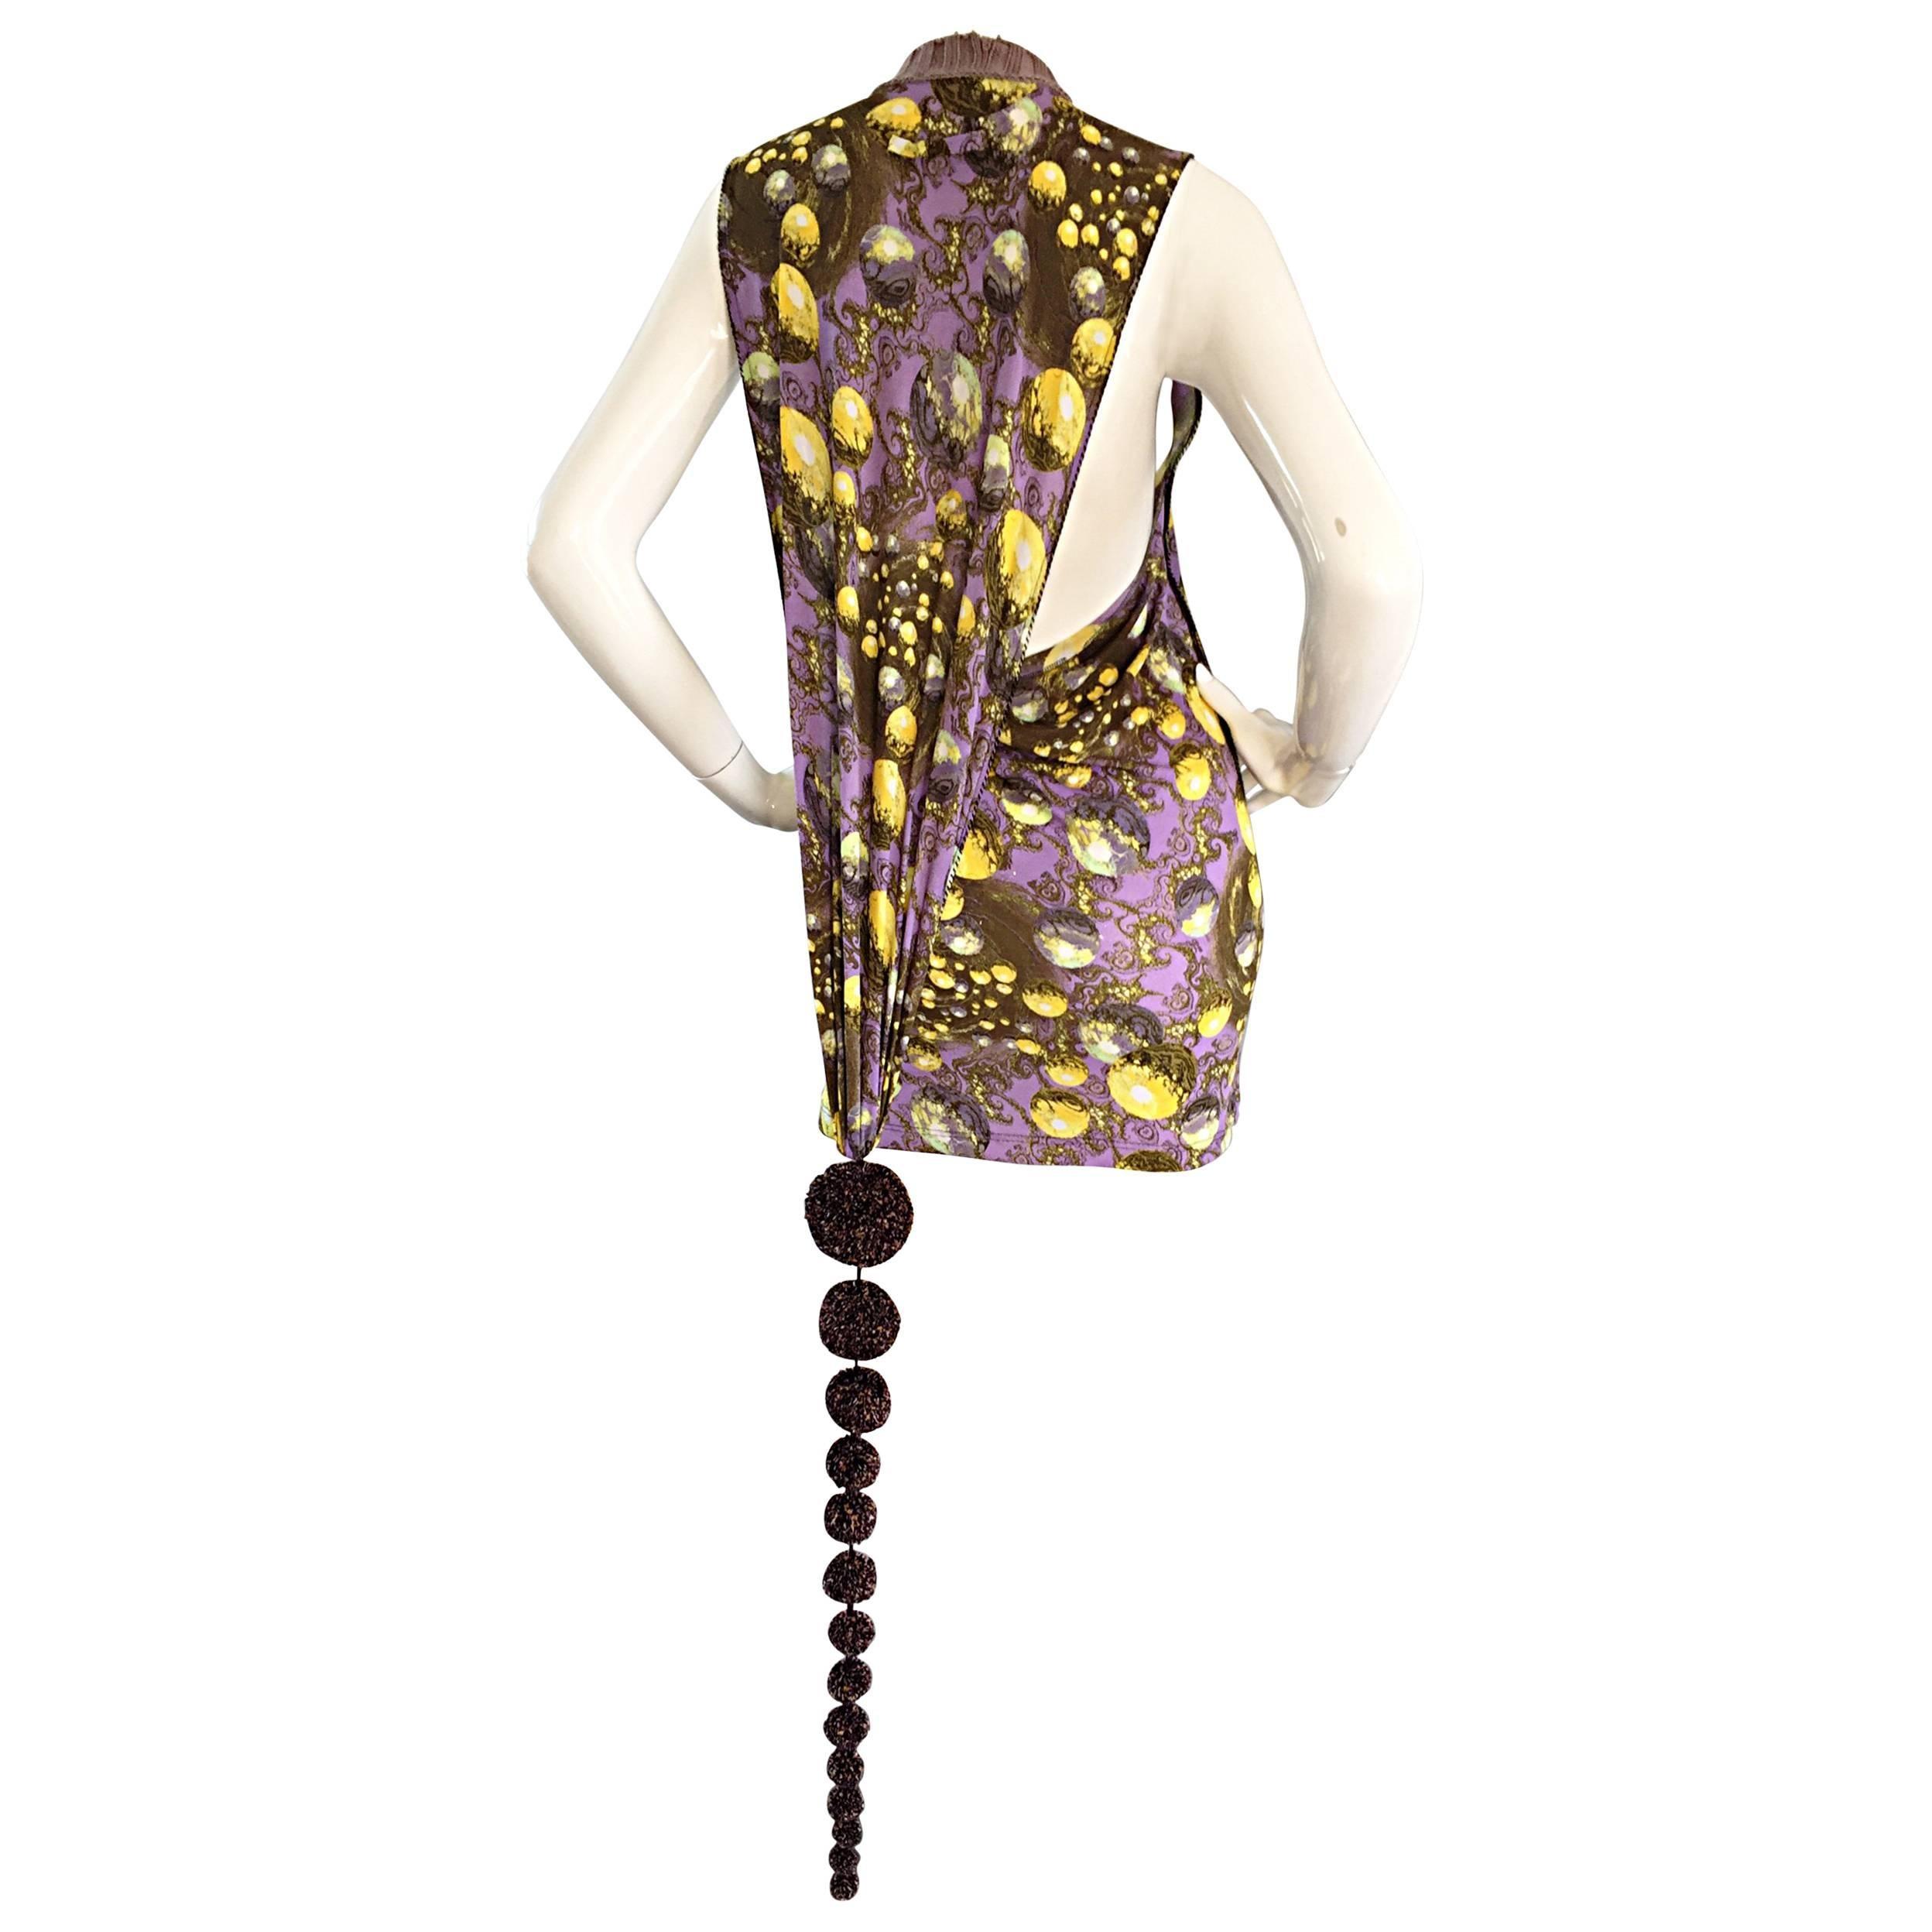 Jean Paul Gaultier 90s Vintage Galaxy Print Mini Dress with Pom Pom Tail